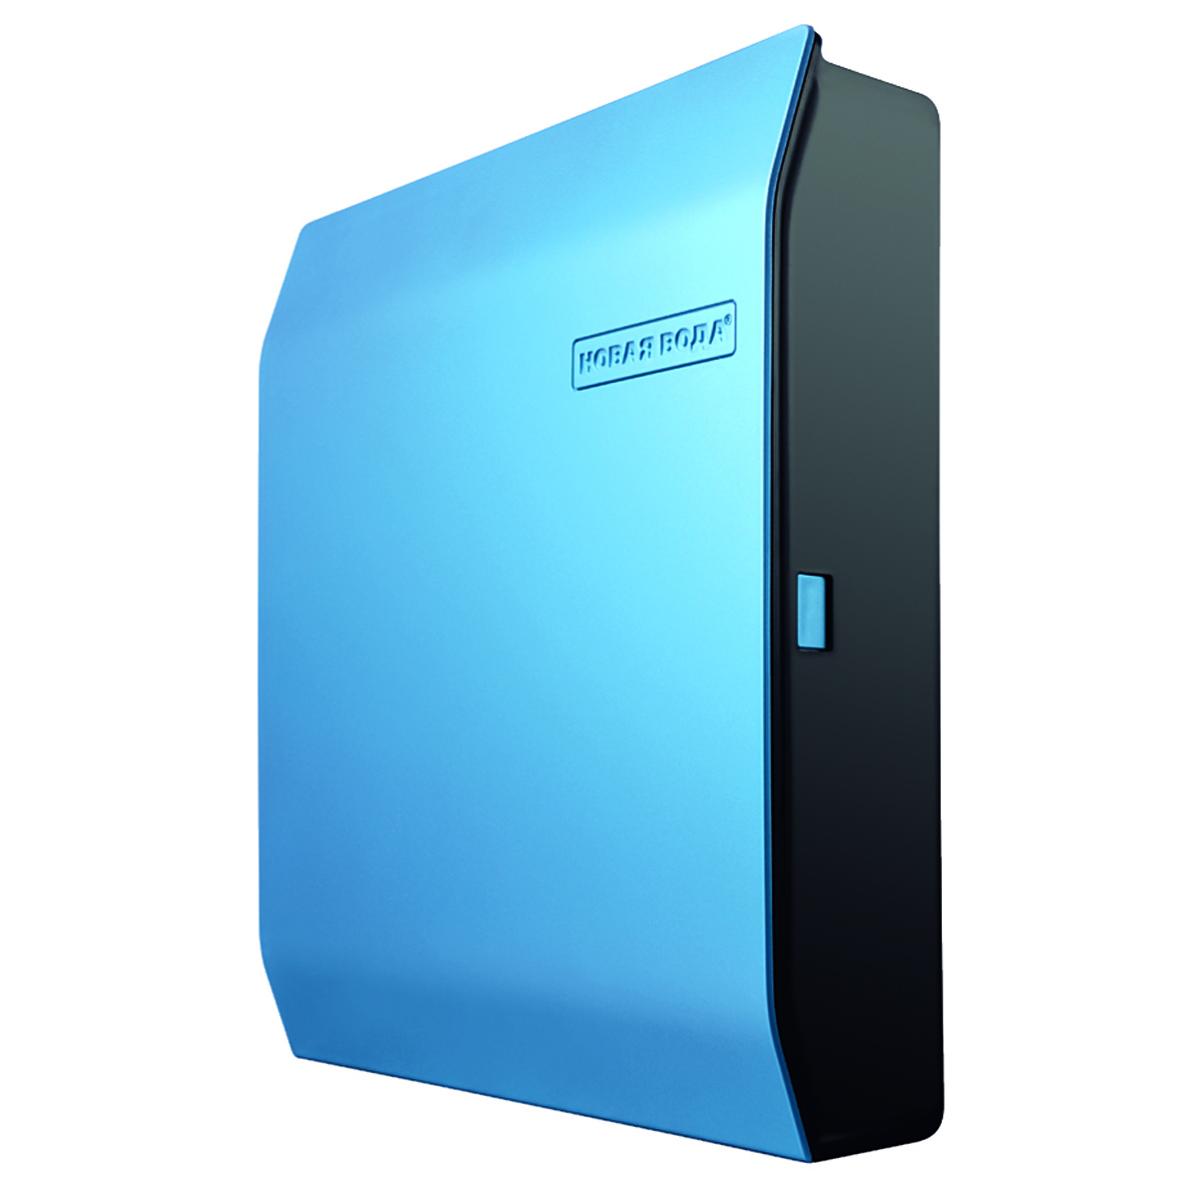 Фильтр для воды Prio Expert. M310, суперкомпактный 5-ого поколения2555Фильтры под мойку нового поколения Expert — настоящий прорыв в области очистки воды благодаря совершенному дизайну, быстросъемным картриджам и инновационным технологиям очистки воды.Многоступенчатые системы Expert занимают на 50% меньше места, чем традиционные системы, они имеют тонкий корпус — всего 8,5 см — и обладают ультрасовременным дизайном.Это позволяет:- разместить фильтр под мойкой, не занимая при этом много места- быть уверенным в том, что фильтр не будет поврежден при размещении под мойкой посуды и хоз.принадлежностей (например, мусорного ведра)- разместить фильтр на открытом пространстве над, либо рядом с мойкой, восхищая гостей превосходным дизайном системы и облегчая доступ к ней при смене картриджей- устанавливать фильтр горизонтально (например, закрепляя к верхней части шкафа под мойкой), делая его практически незаметнымИспользование: очистка от механических примесей (ржавчины, ила, песка и т.п.), растворенных примесей, таких как свободного хлора, хлорорганических соединений, пестицидов, гербицидов, сельскохозяйственных удобрений и продуктов их распада, фенолов, нефтепродуктов, алюминия, тяжелых металлов, радиоактивных элементов, солей жесткости и иных органических и неорганических веществ. Предназначение: для регионов с водой, характеризующейся нормальным и повышенным содержанием солей жесткости. Эксклюзивная разработка Prio, не имеющая аналогов - использование уникальных картриджей:-отсутствиеголовы, в которой в процессе многолетней эксплуатации могут скапливаться загрязнение - гарантирует Вам кристально чистую воду даже через 10 лет эксплуатации- только у фильтров Expert картриджи имеют вход и выход на противоположных концах картриджа - вкупе с фирменной технологией Invortex (движение воды внутри фильтра по спирали) это не только повышает качество очистки, но и увеличивает ресурс картриджа до 2х раз по сравнению с традиционными системами- используемые картриджи быстро и просто з